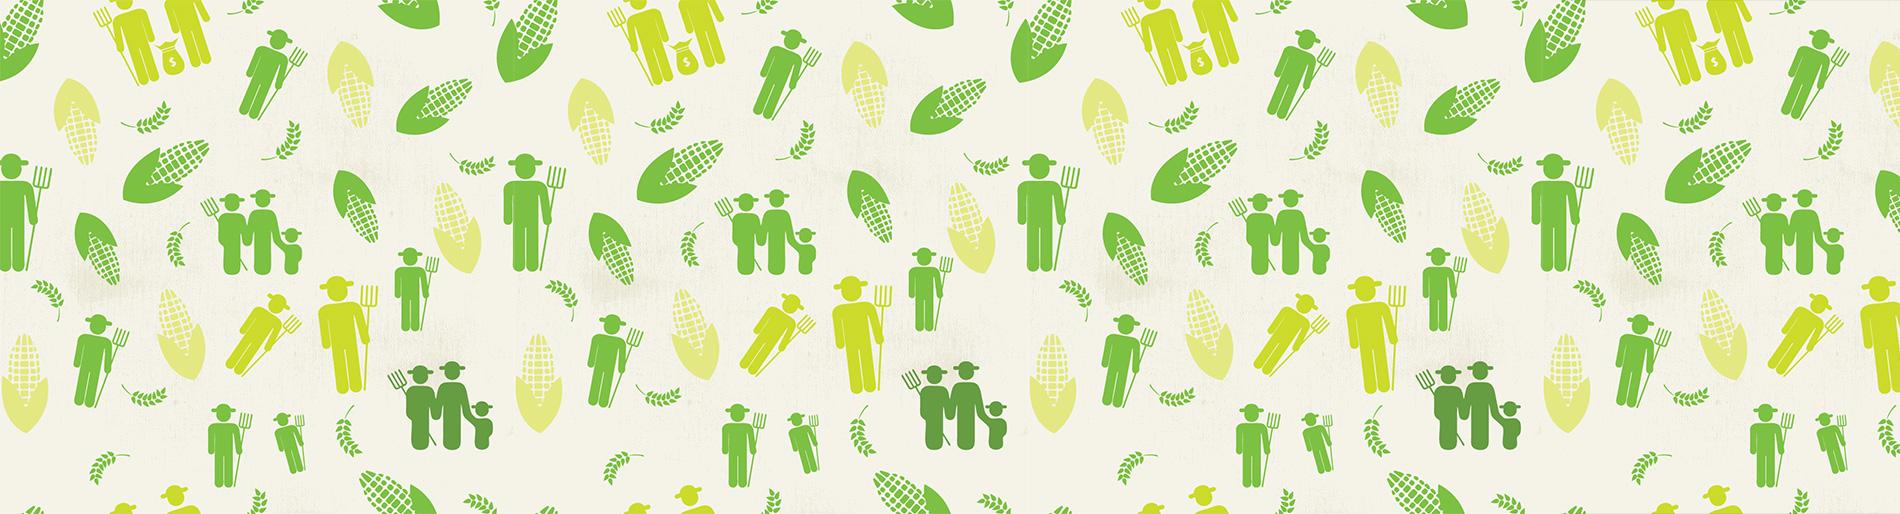 agricultura-pequeña